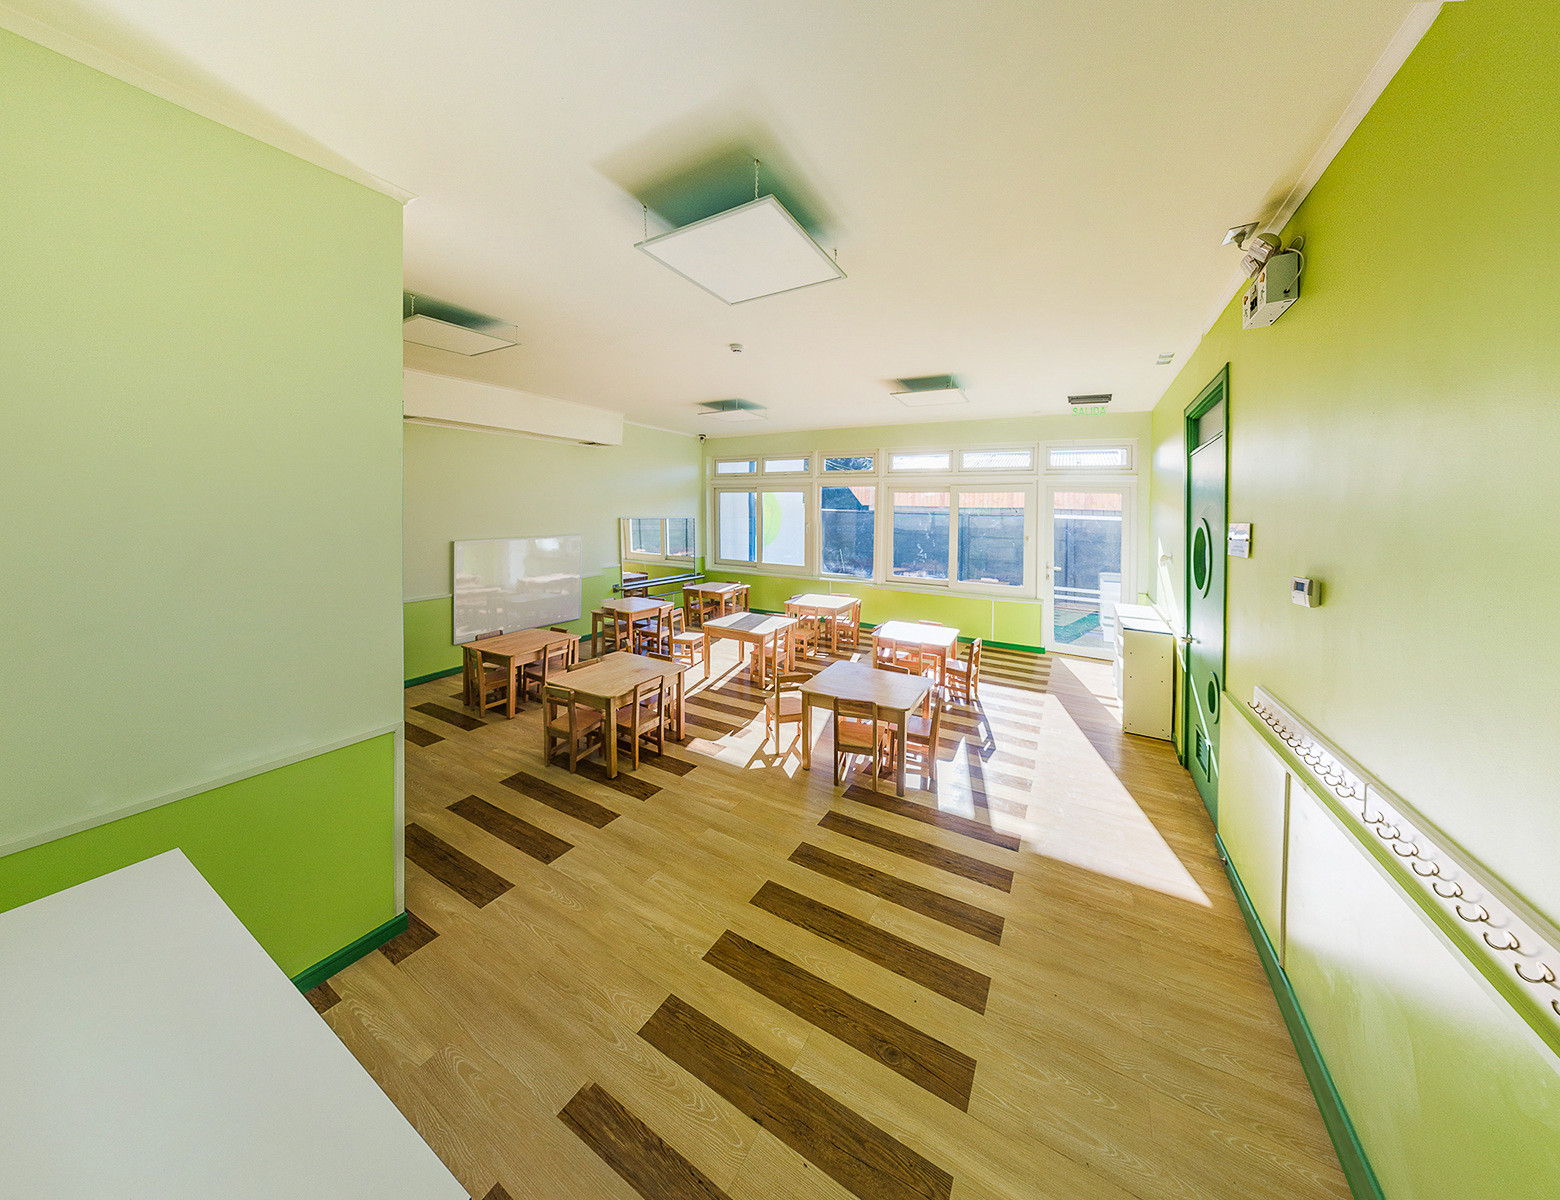 Arquitectura educacional p blica el desaf o de mejorar el for Edificios educativos arquitectura